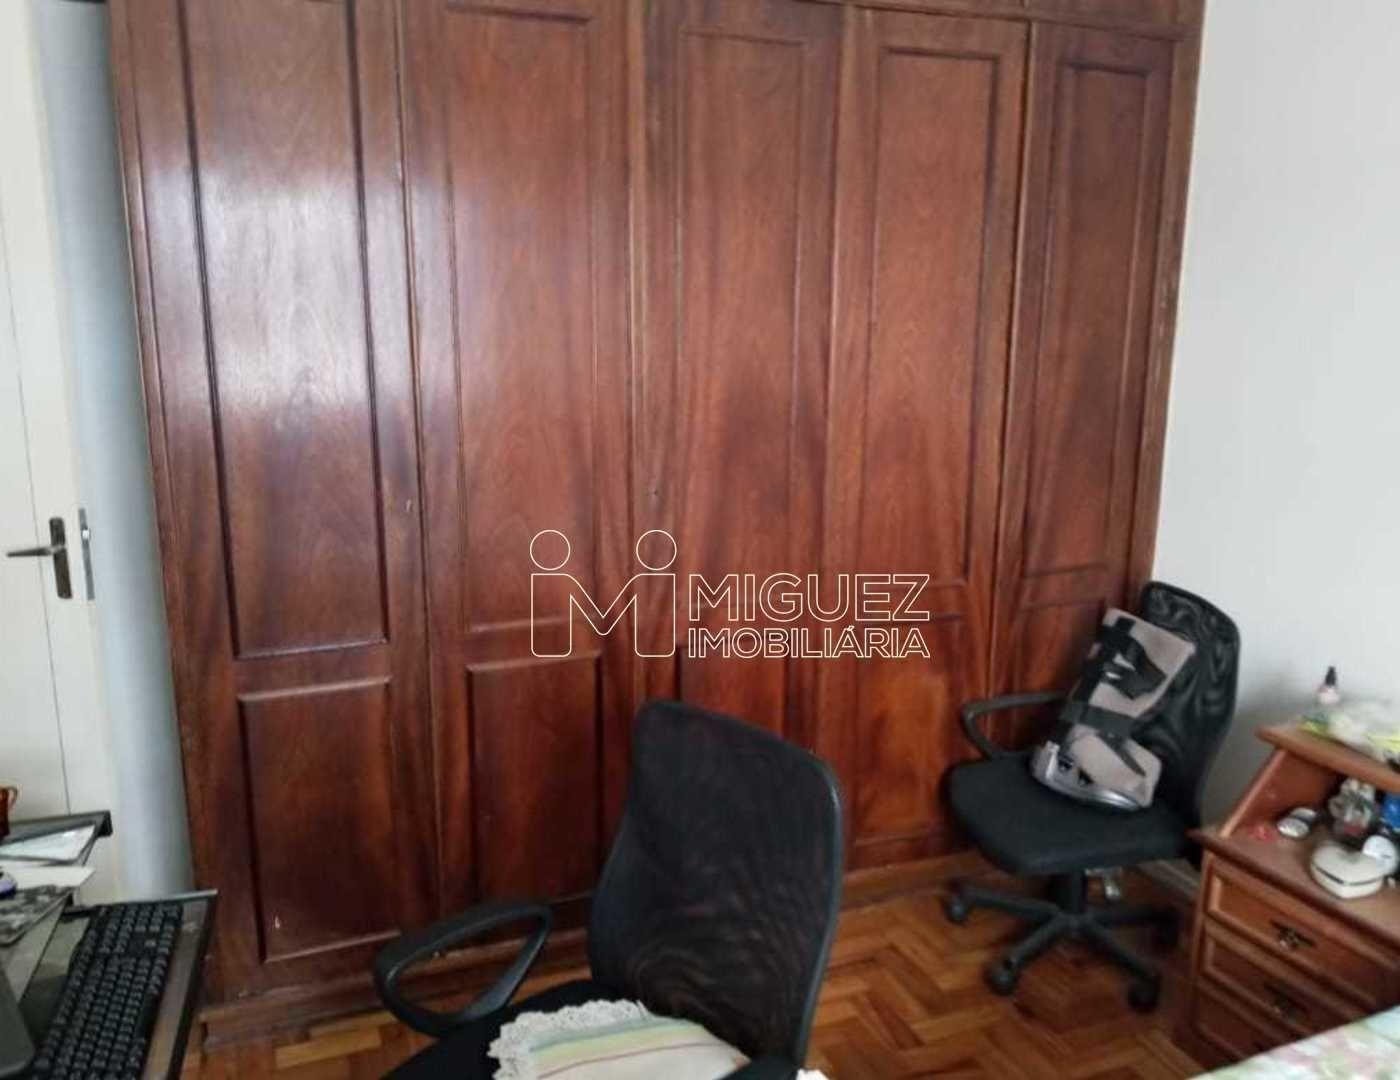 Apartamento, venda, Rua Henry Ford - Tijuca , Rio de janeiro